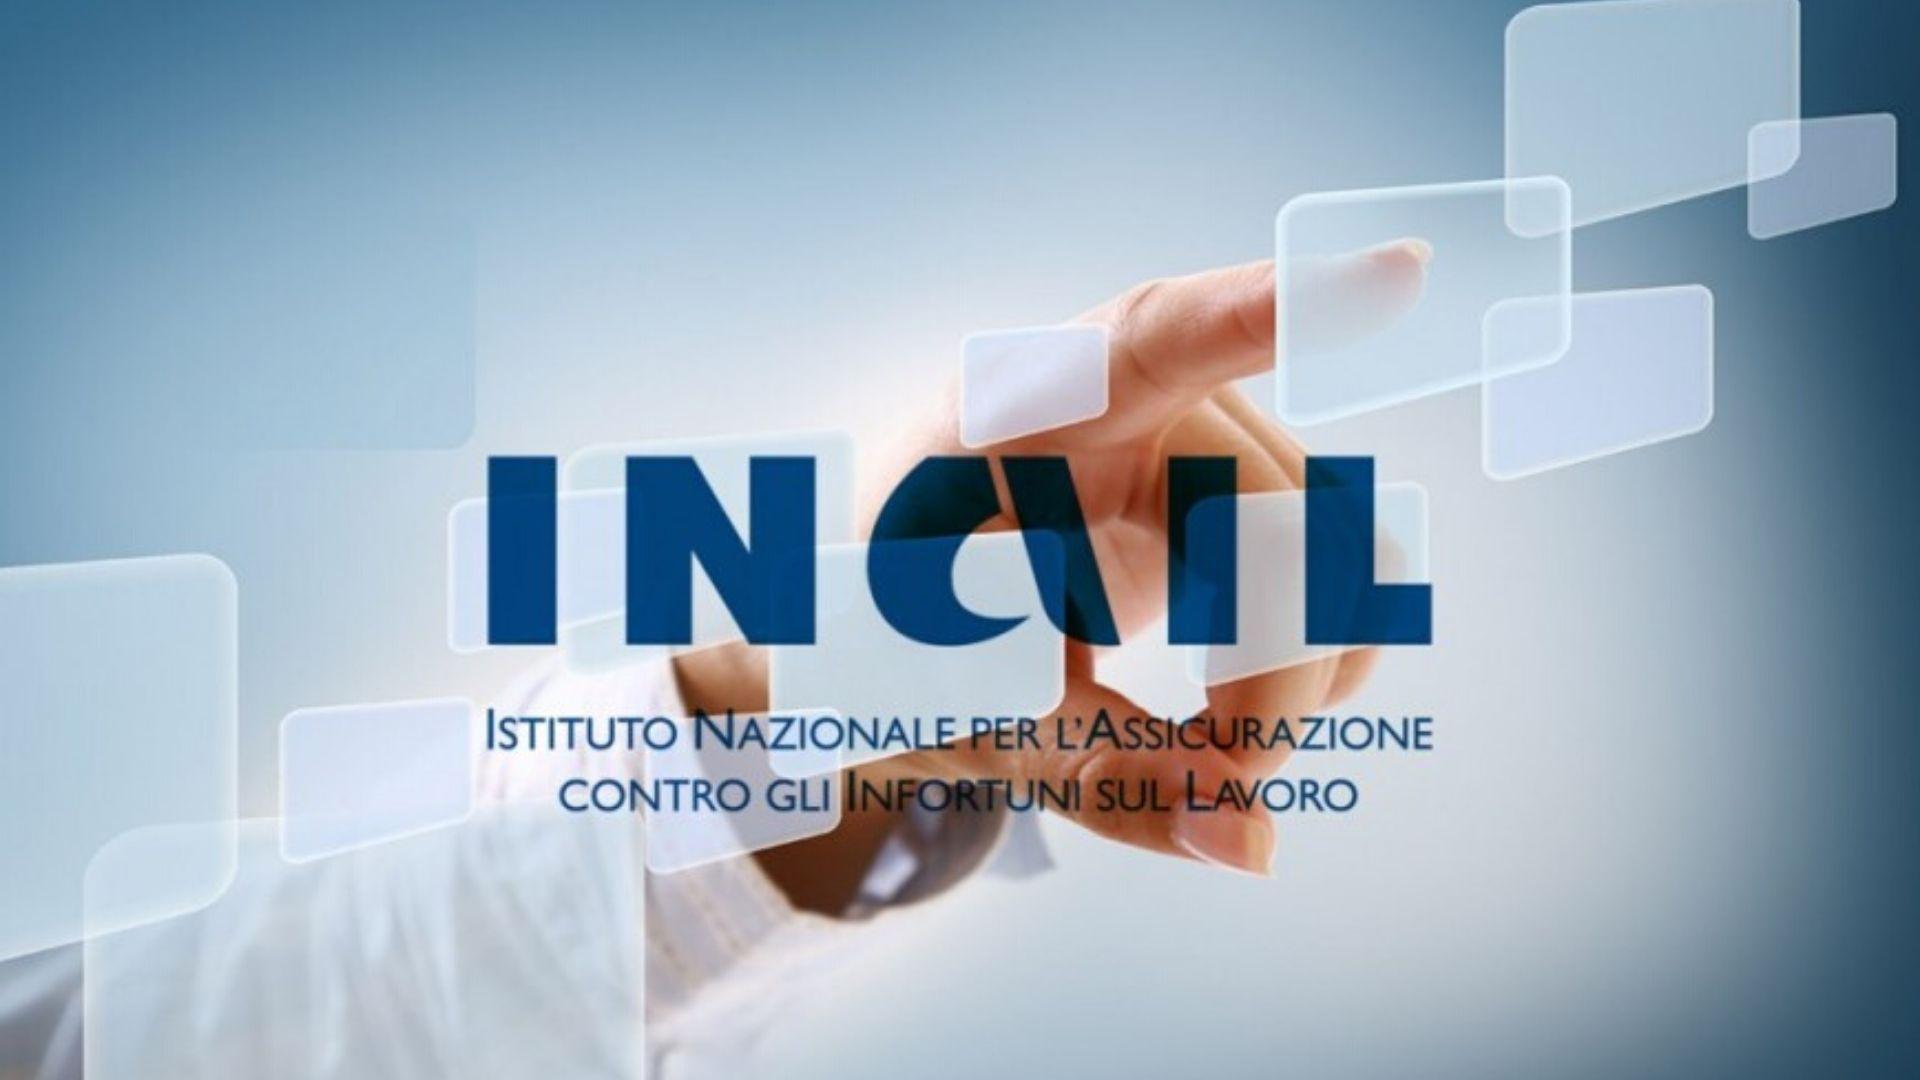 INAIL v12